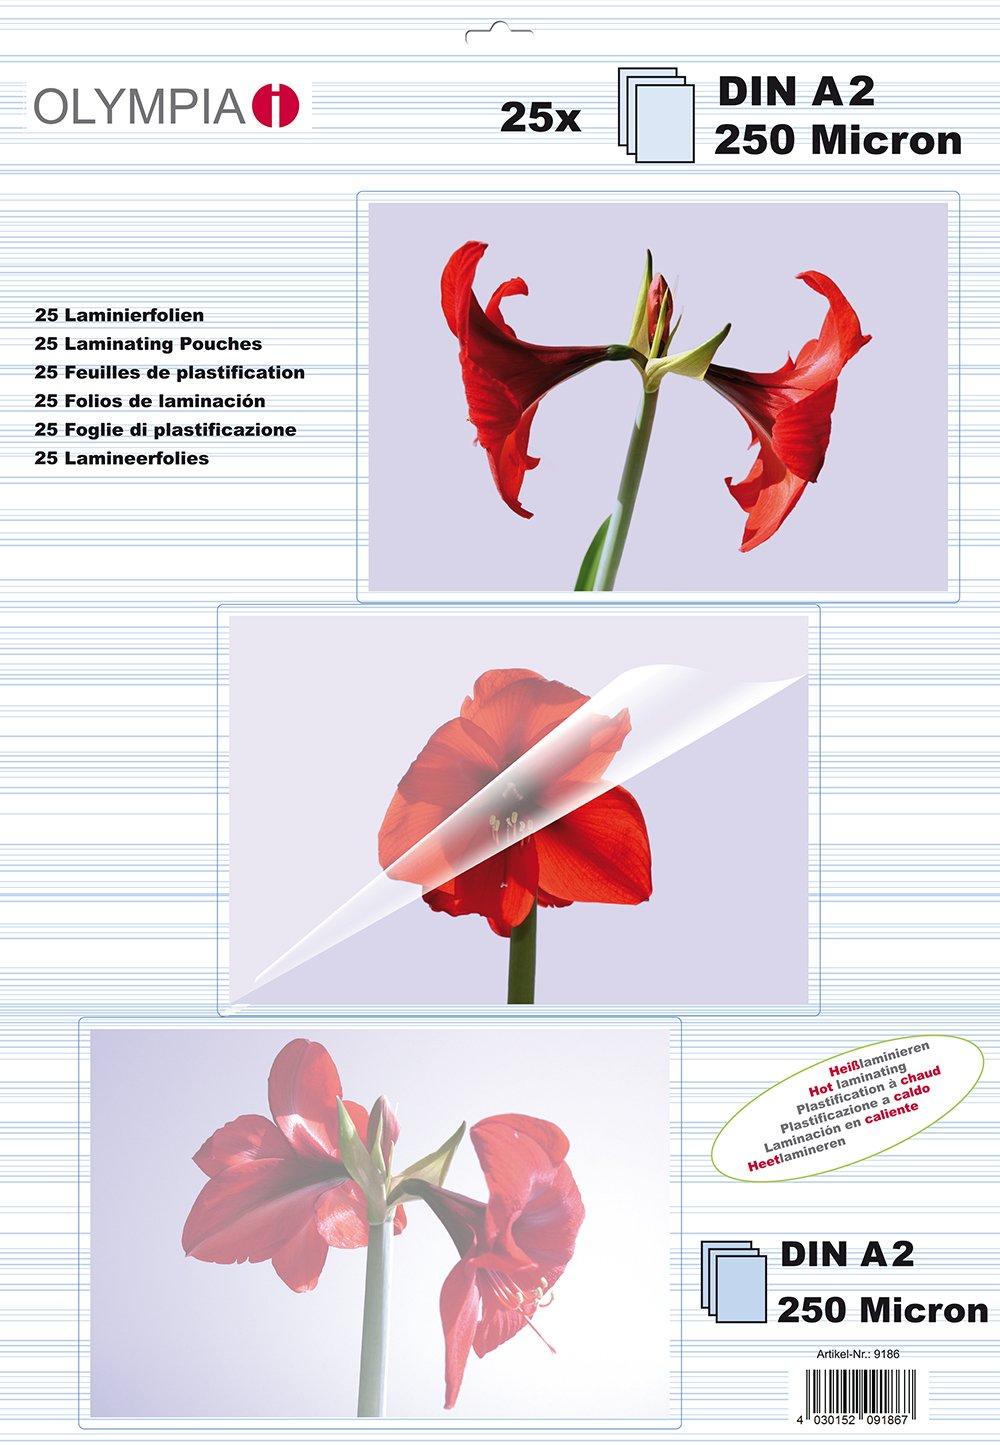 25 pochettes tansparentes 250 microns DIN A2 Olympia Pochettes de plastification /à chaud